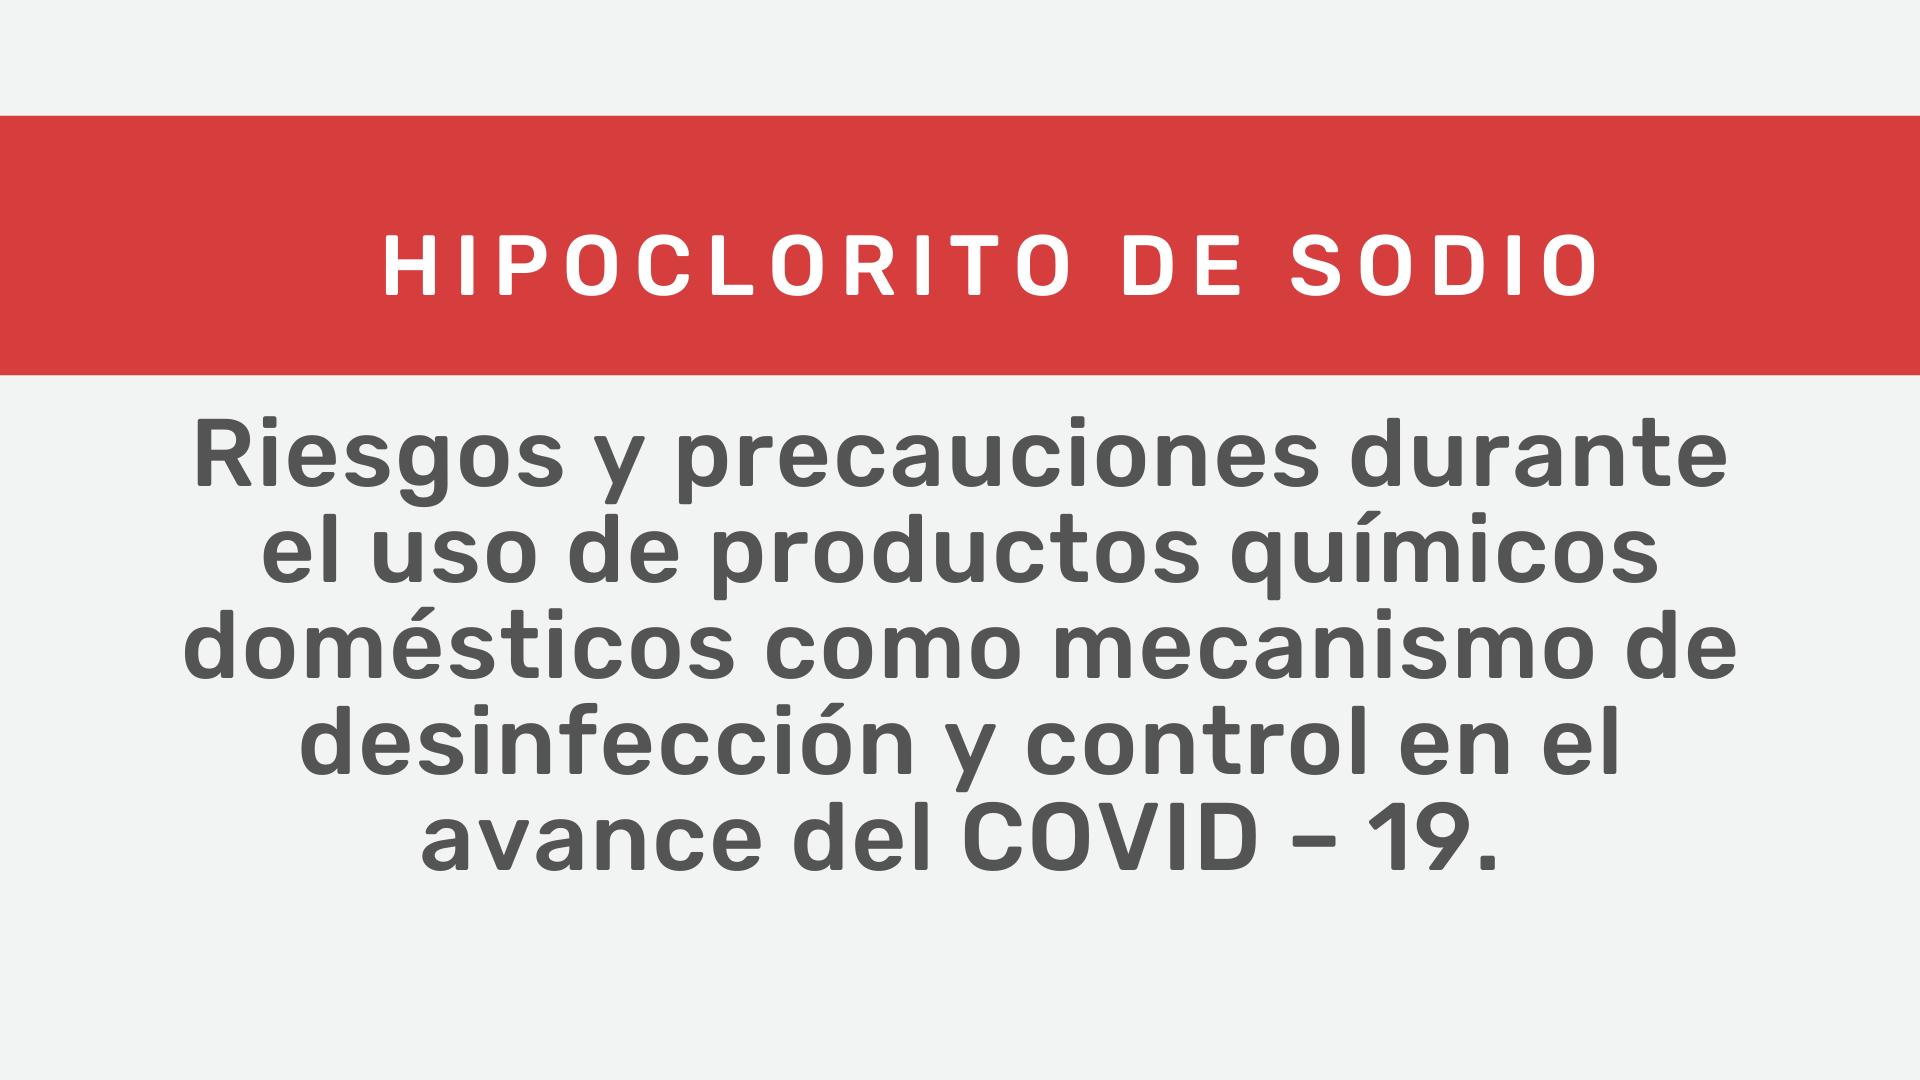 Hipoclorito de Sodio: riesgos y precauciones durante el uso de productos químicos domésticos como mecanismo de desinfección y control en el avance del COVID – 19.